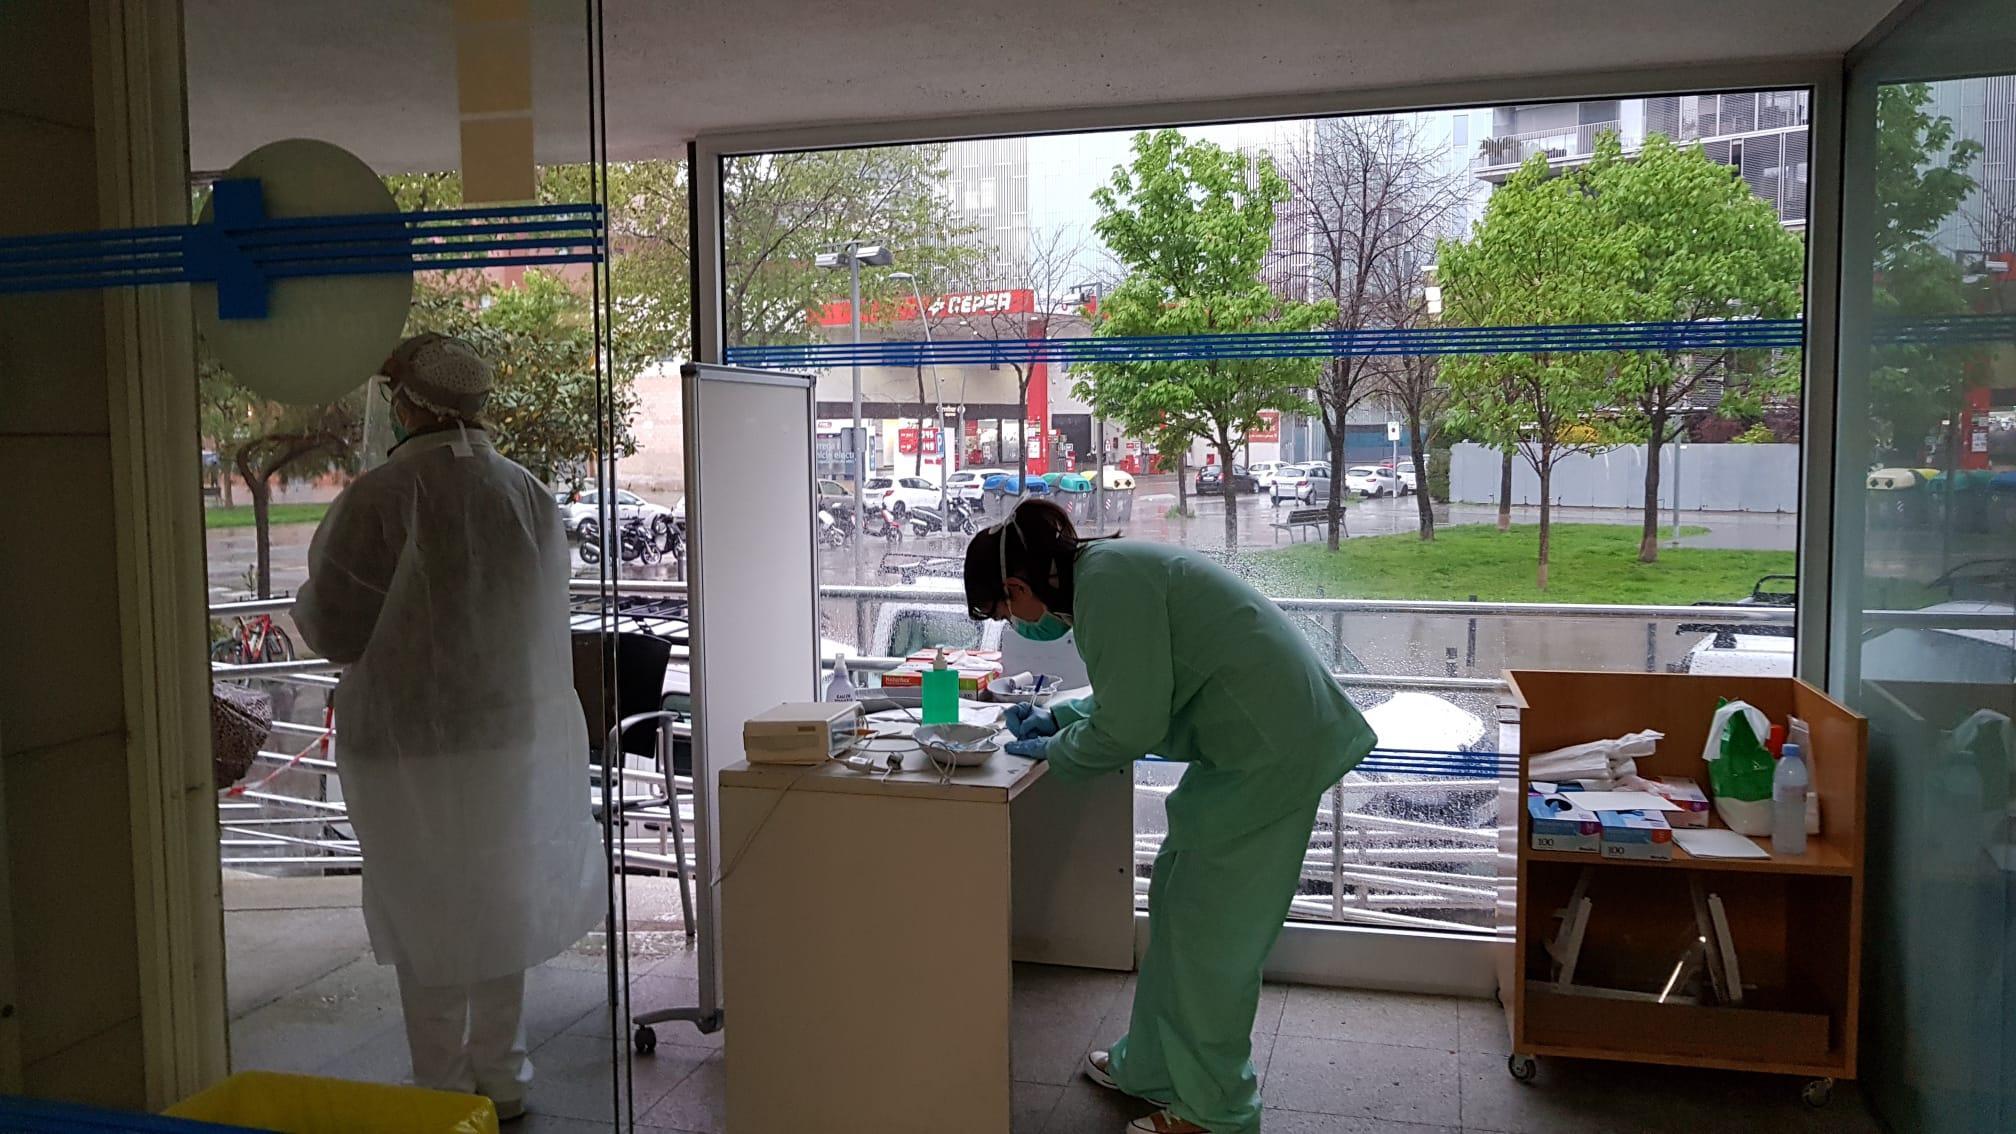 Triatge de pacients a la porta del CAP Poblenou / ICS Barcelona